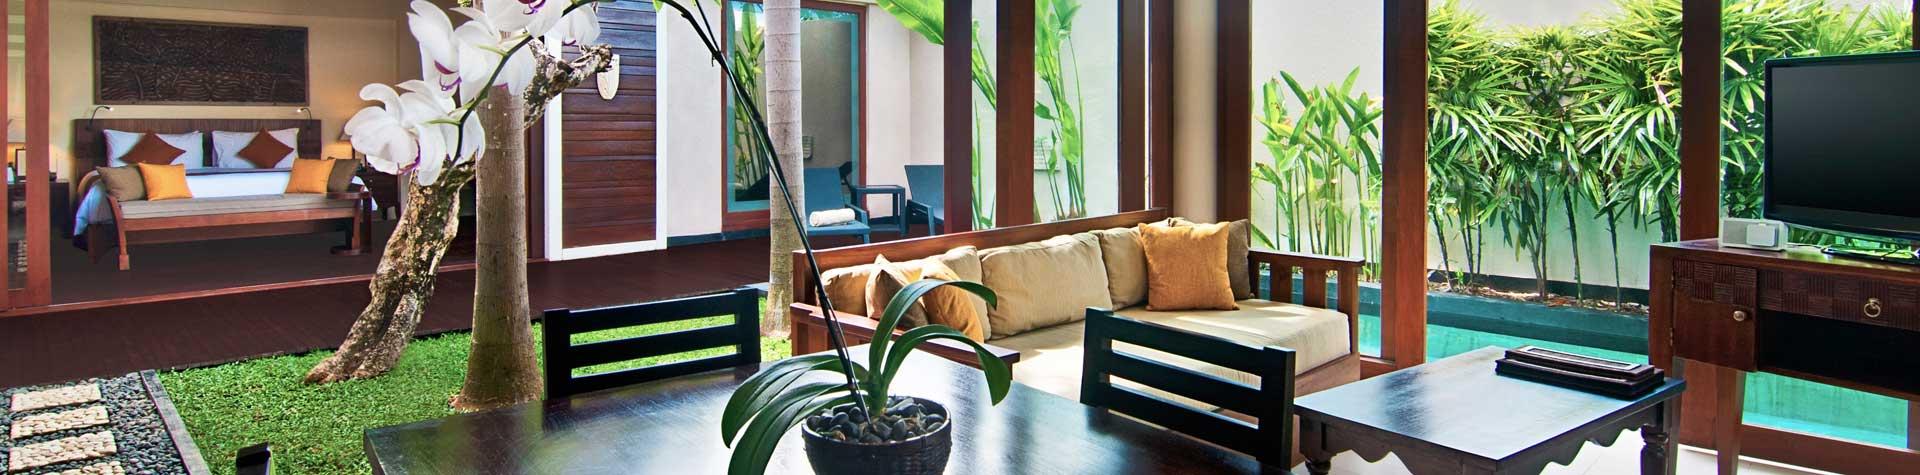 Two Bedroom Pool Villa at Avani Seminyak Bali Resort